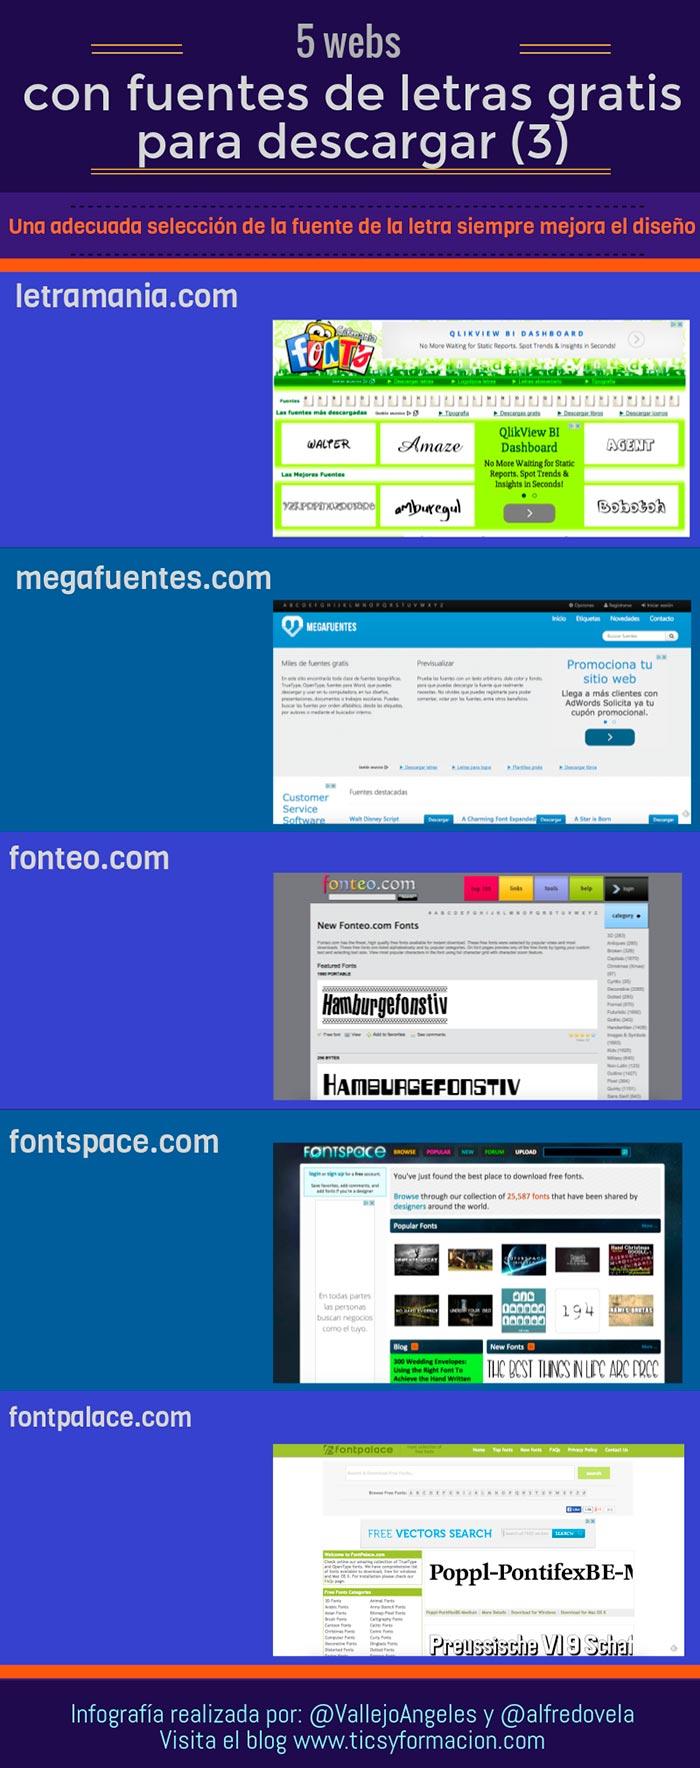 Infografia sobre 5 webs con fuentes de letras gratis